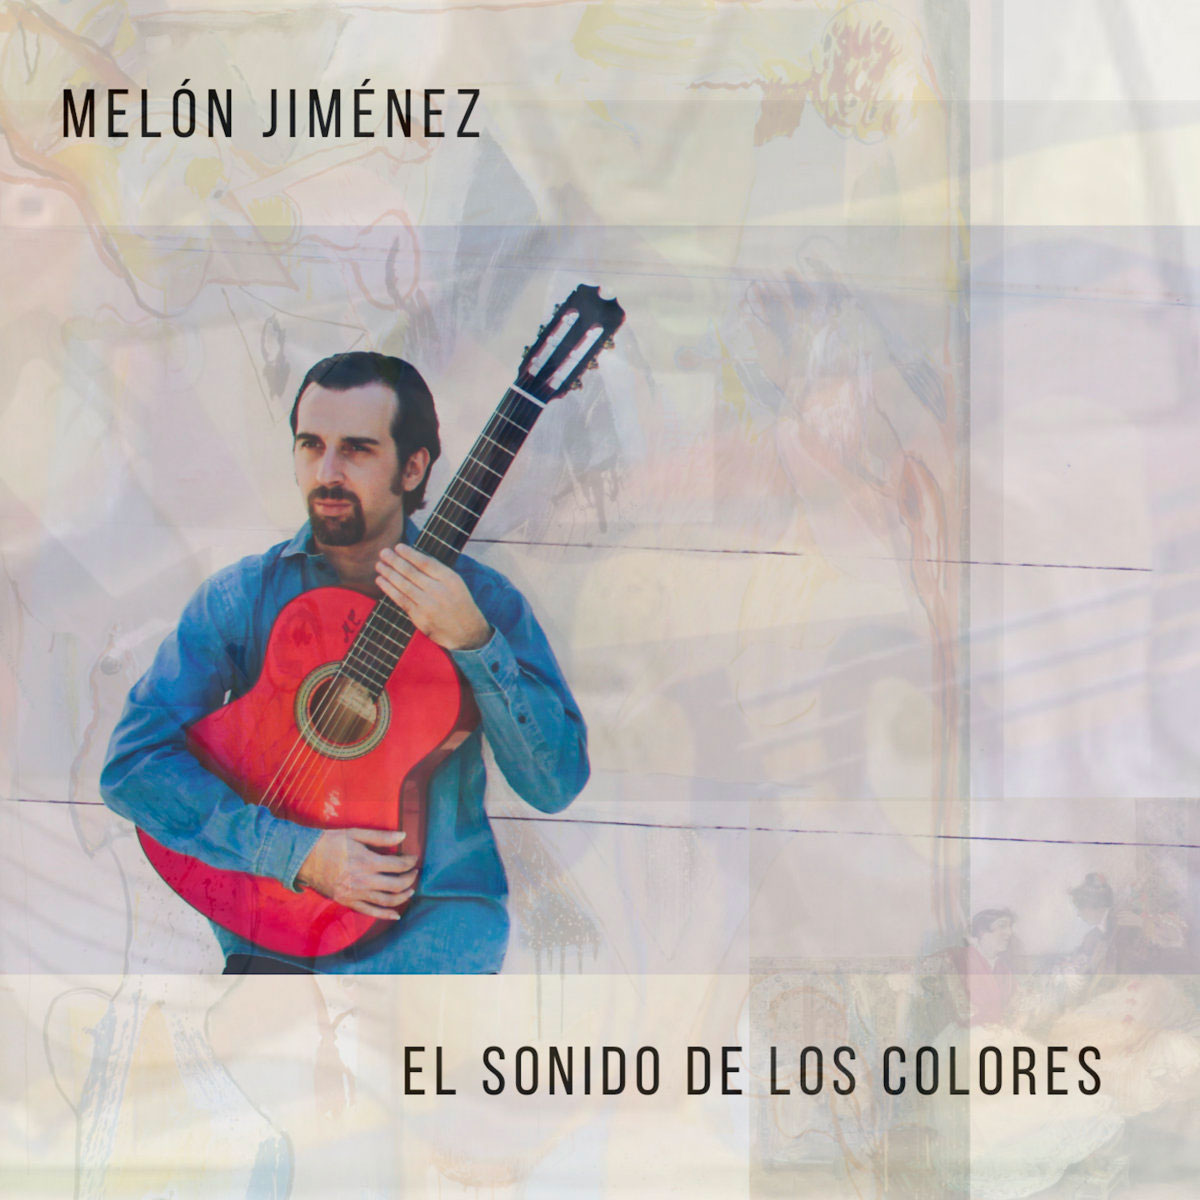 El sonido de los colores – Melón Jiménez (CD)